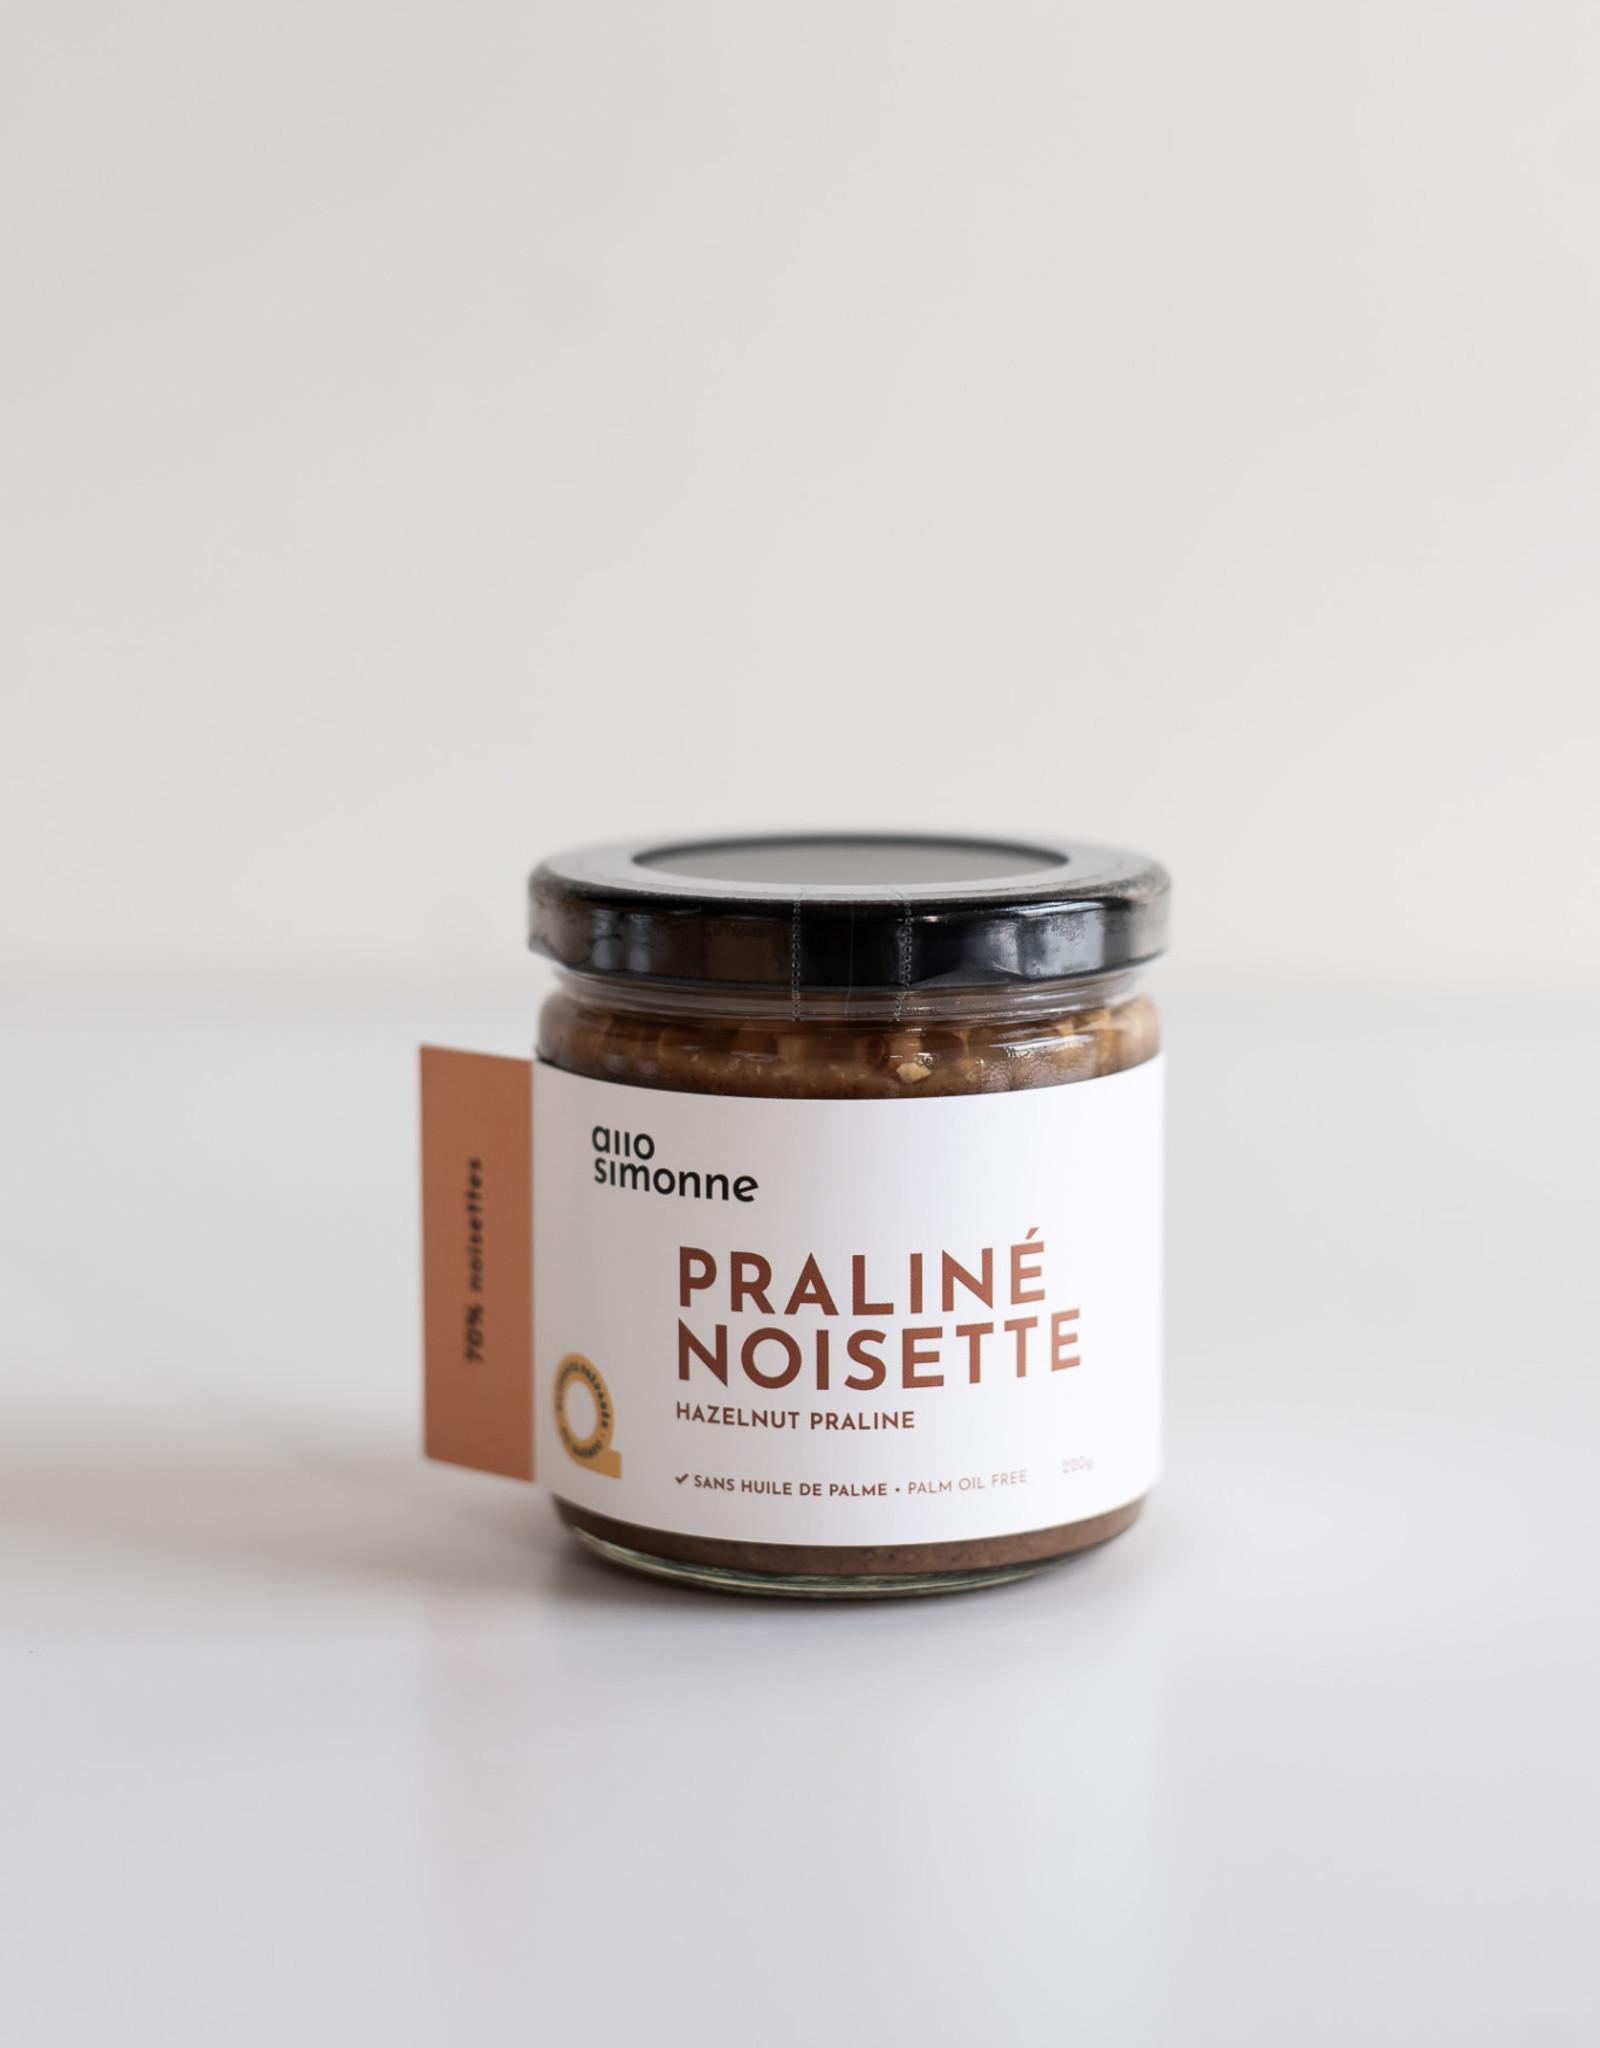 Allo Simonne Praliné Noisette